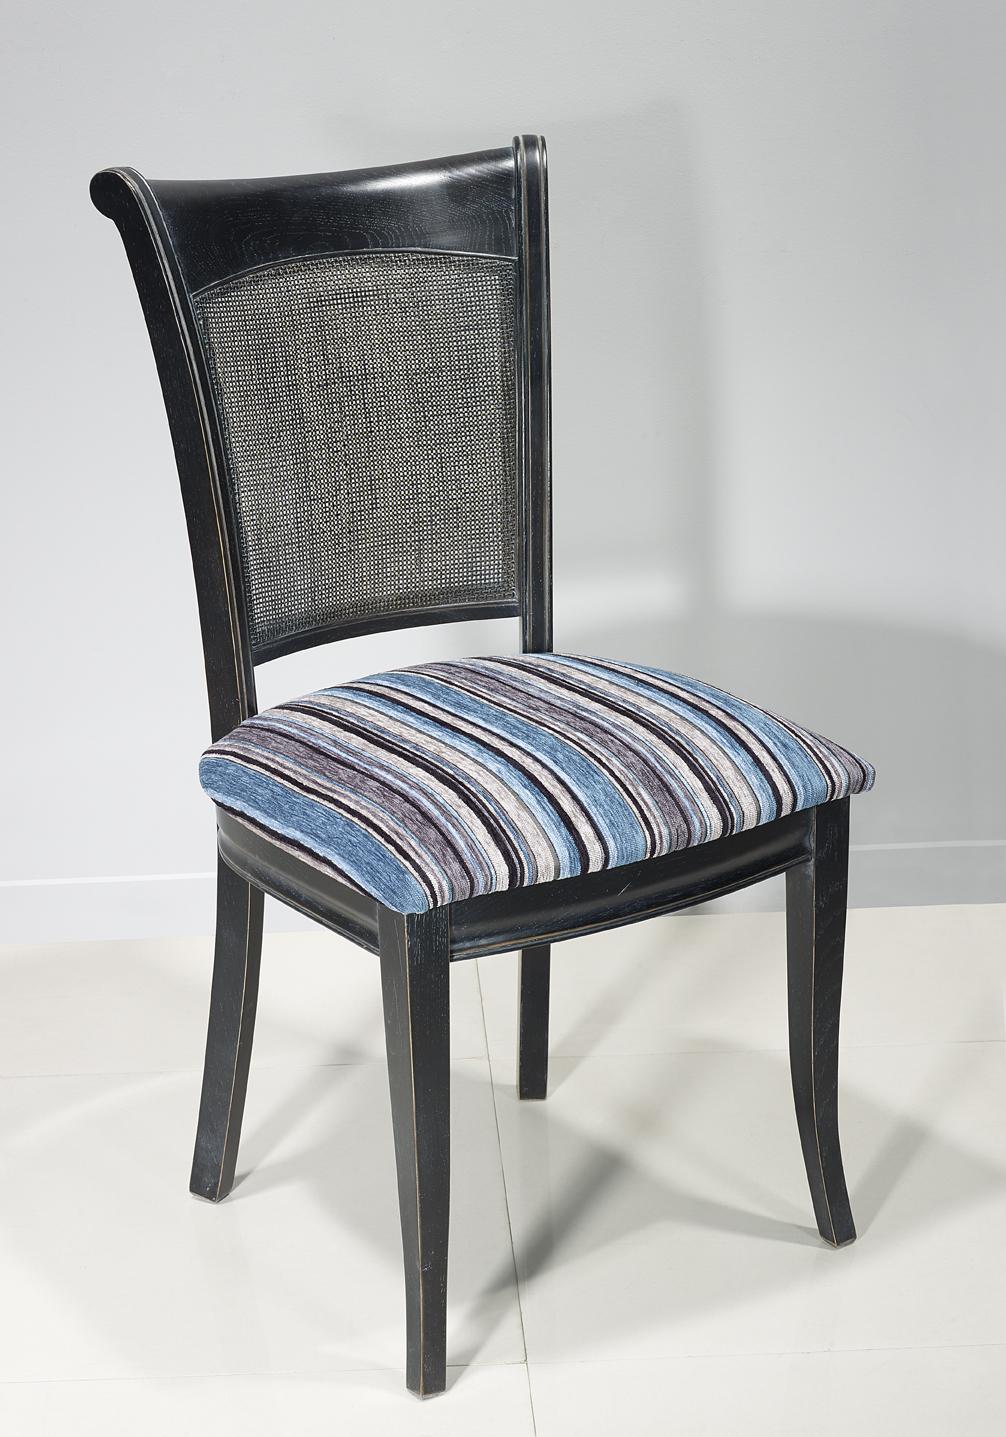 Chaise en ch ne de style louis philippe finition charbon meuble en ch ne - Chaise style louis philippe ...